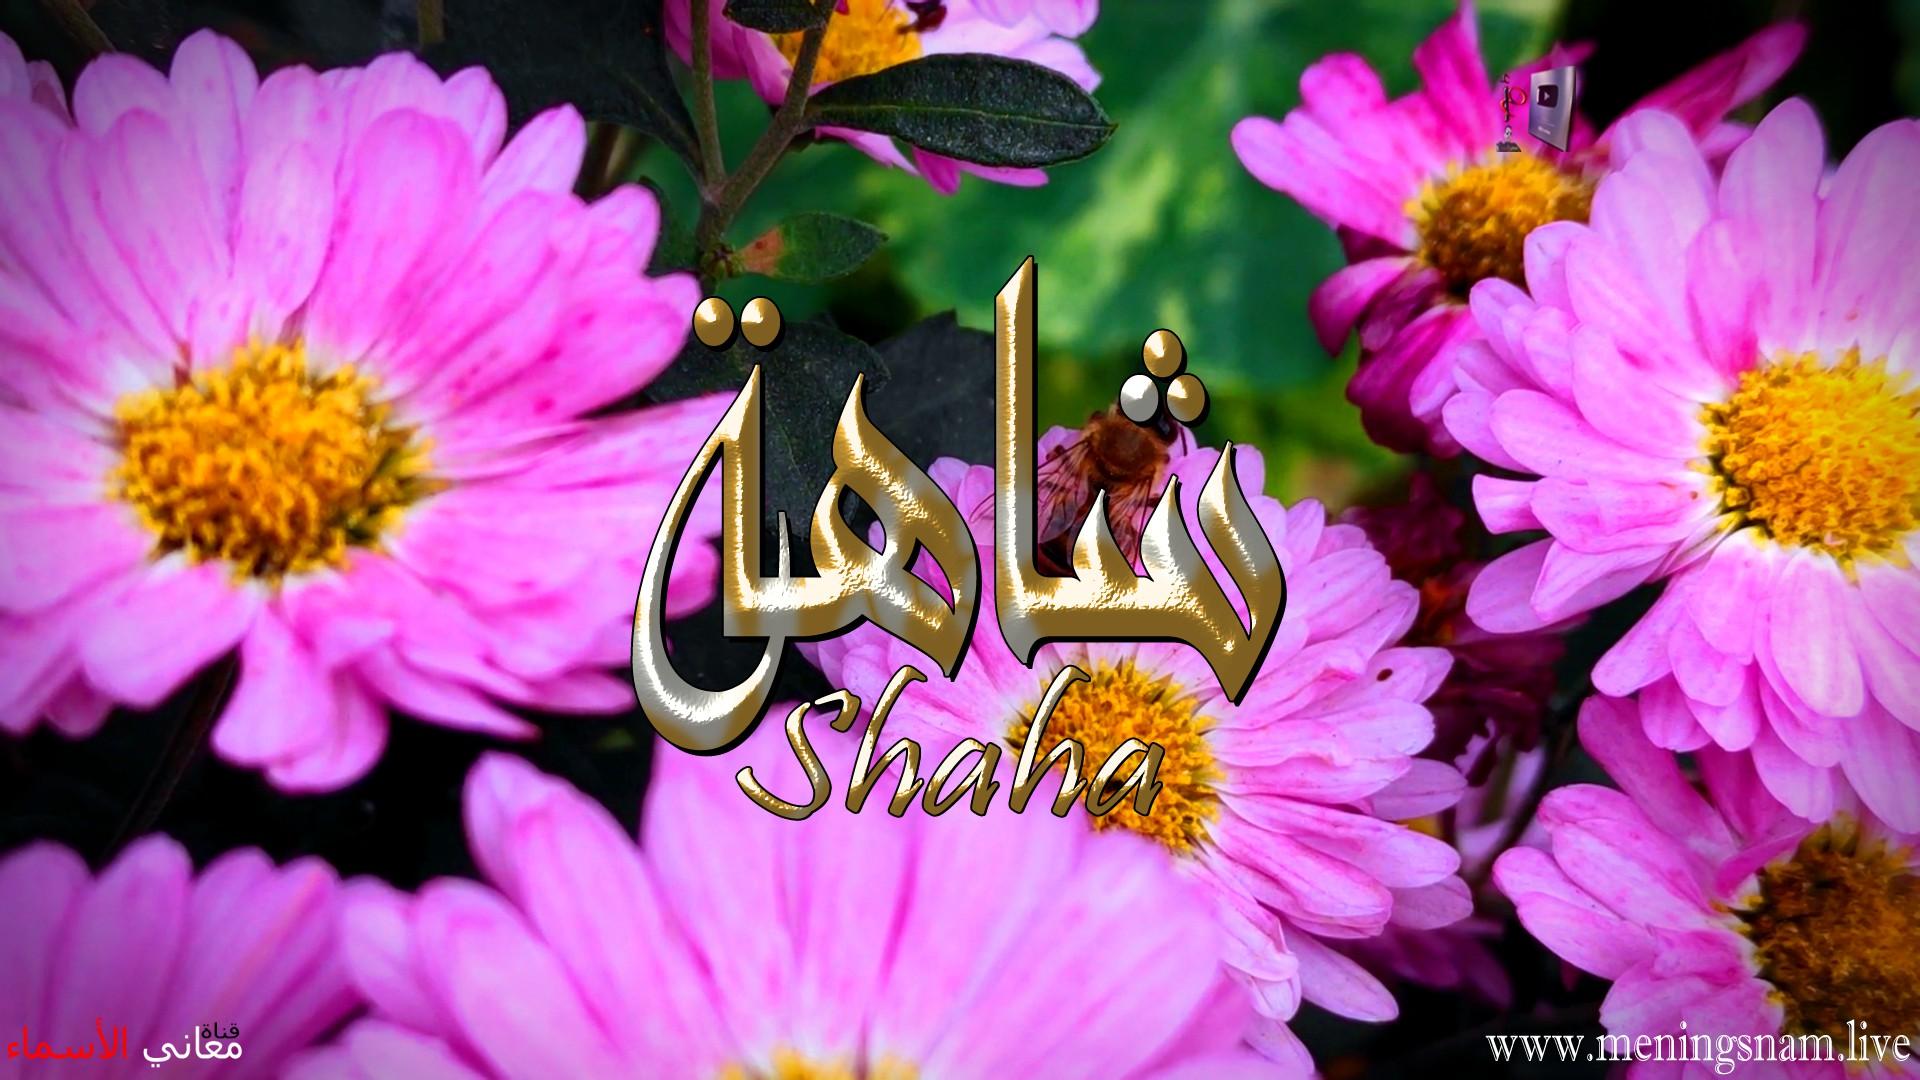 معنى اسم شاهة وصفات حاملة هذا الاسم Shaha